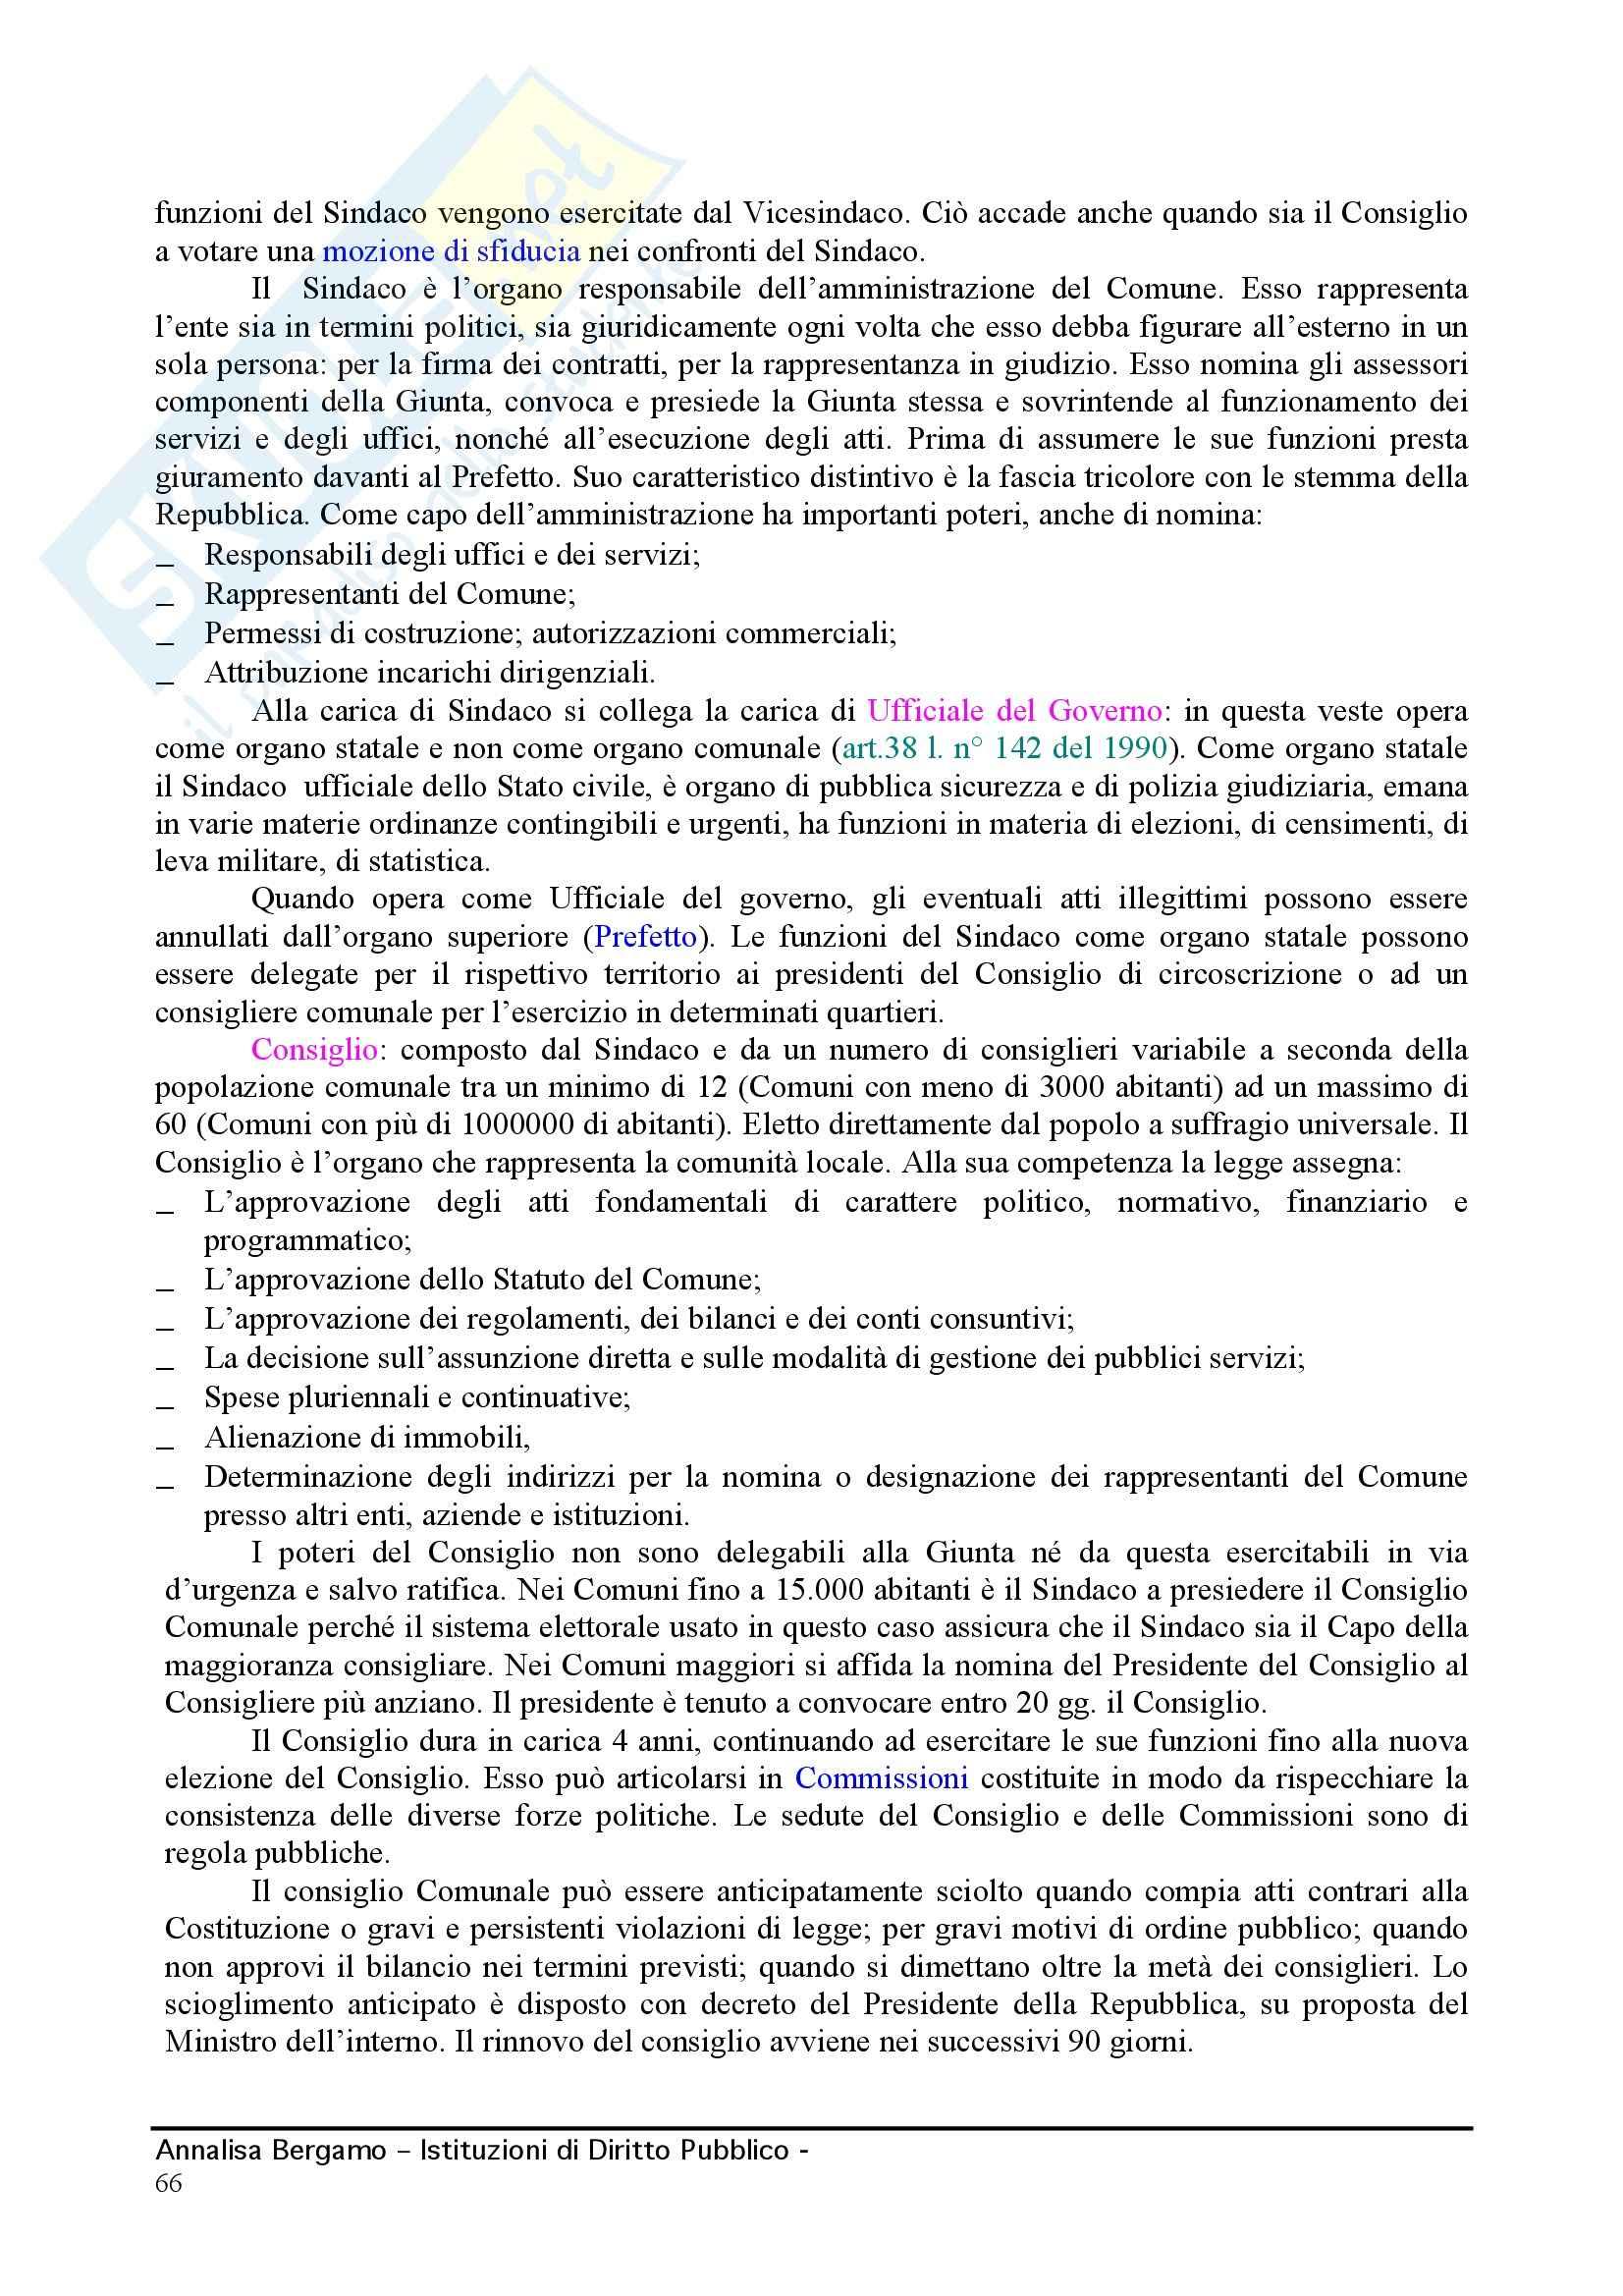 Diritto pubblico - Compendio Pag. 66